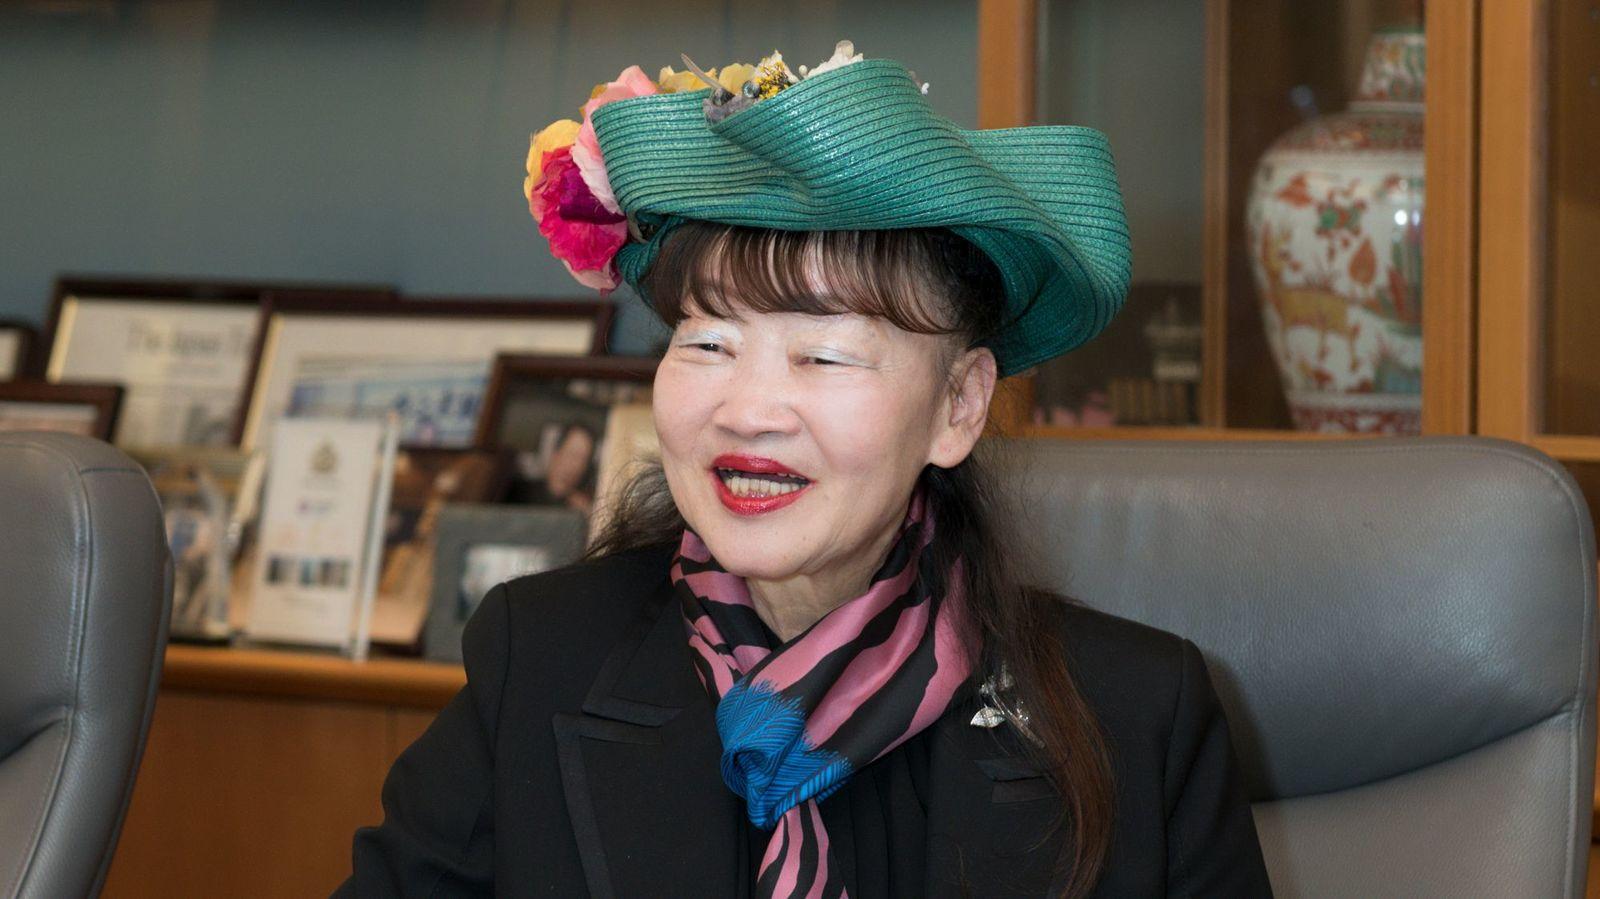 コロナ患者受け入れ、1泊2500円…アパ社長の究極経営判断と「ハッテン場化の是非」 なぜアパは日本人に愛されるのか